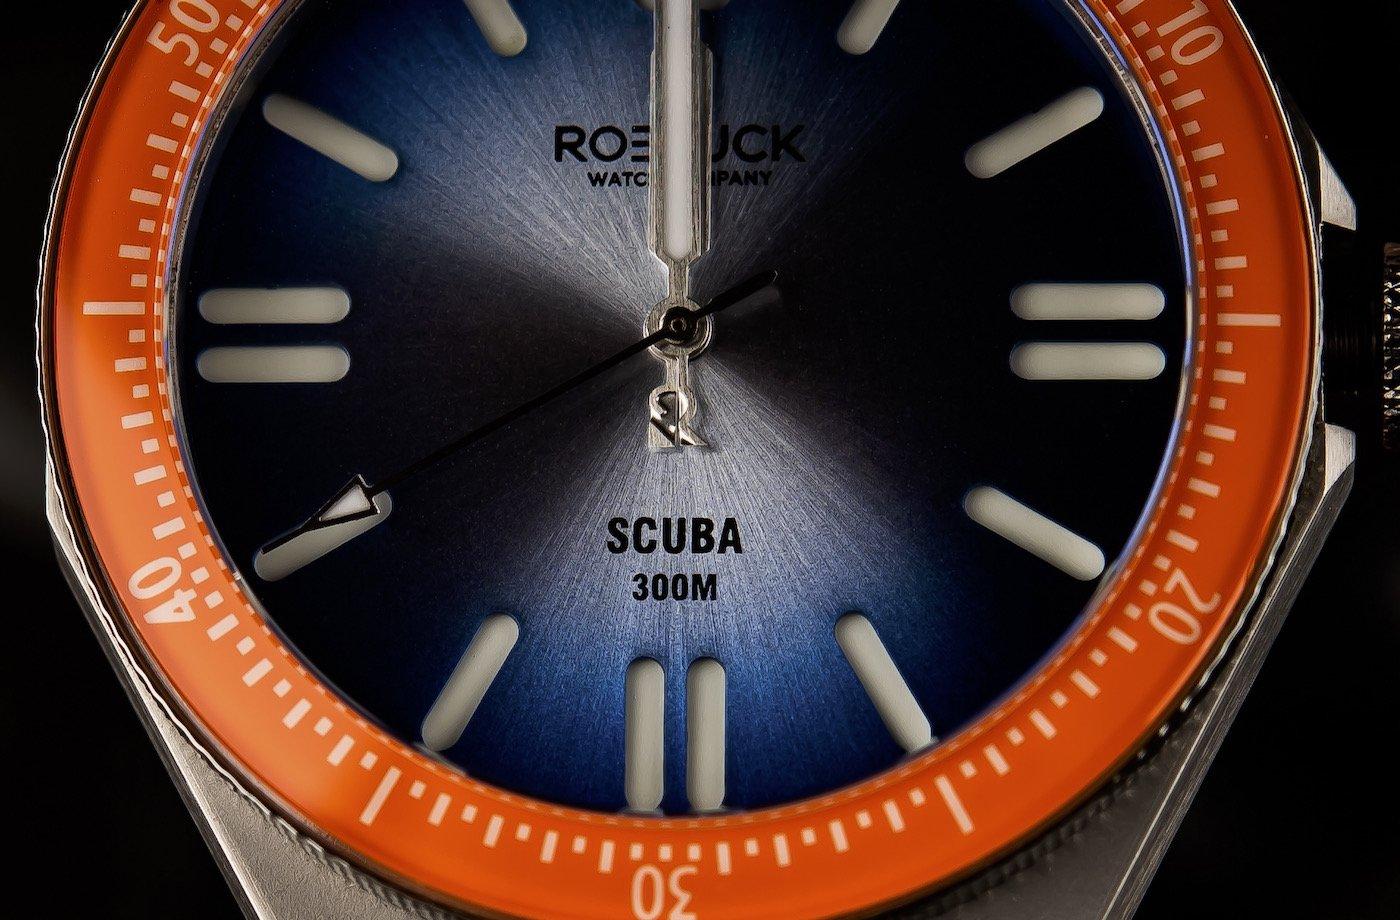 Roebuck возвращает стиль 1970-х годов с современным уклоном в SCUBA